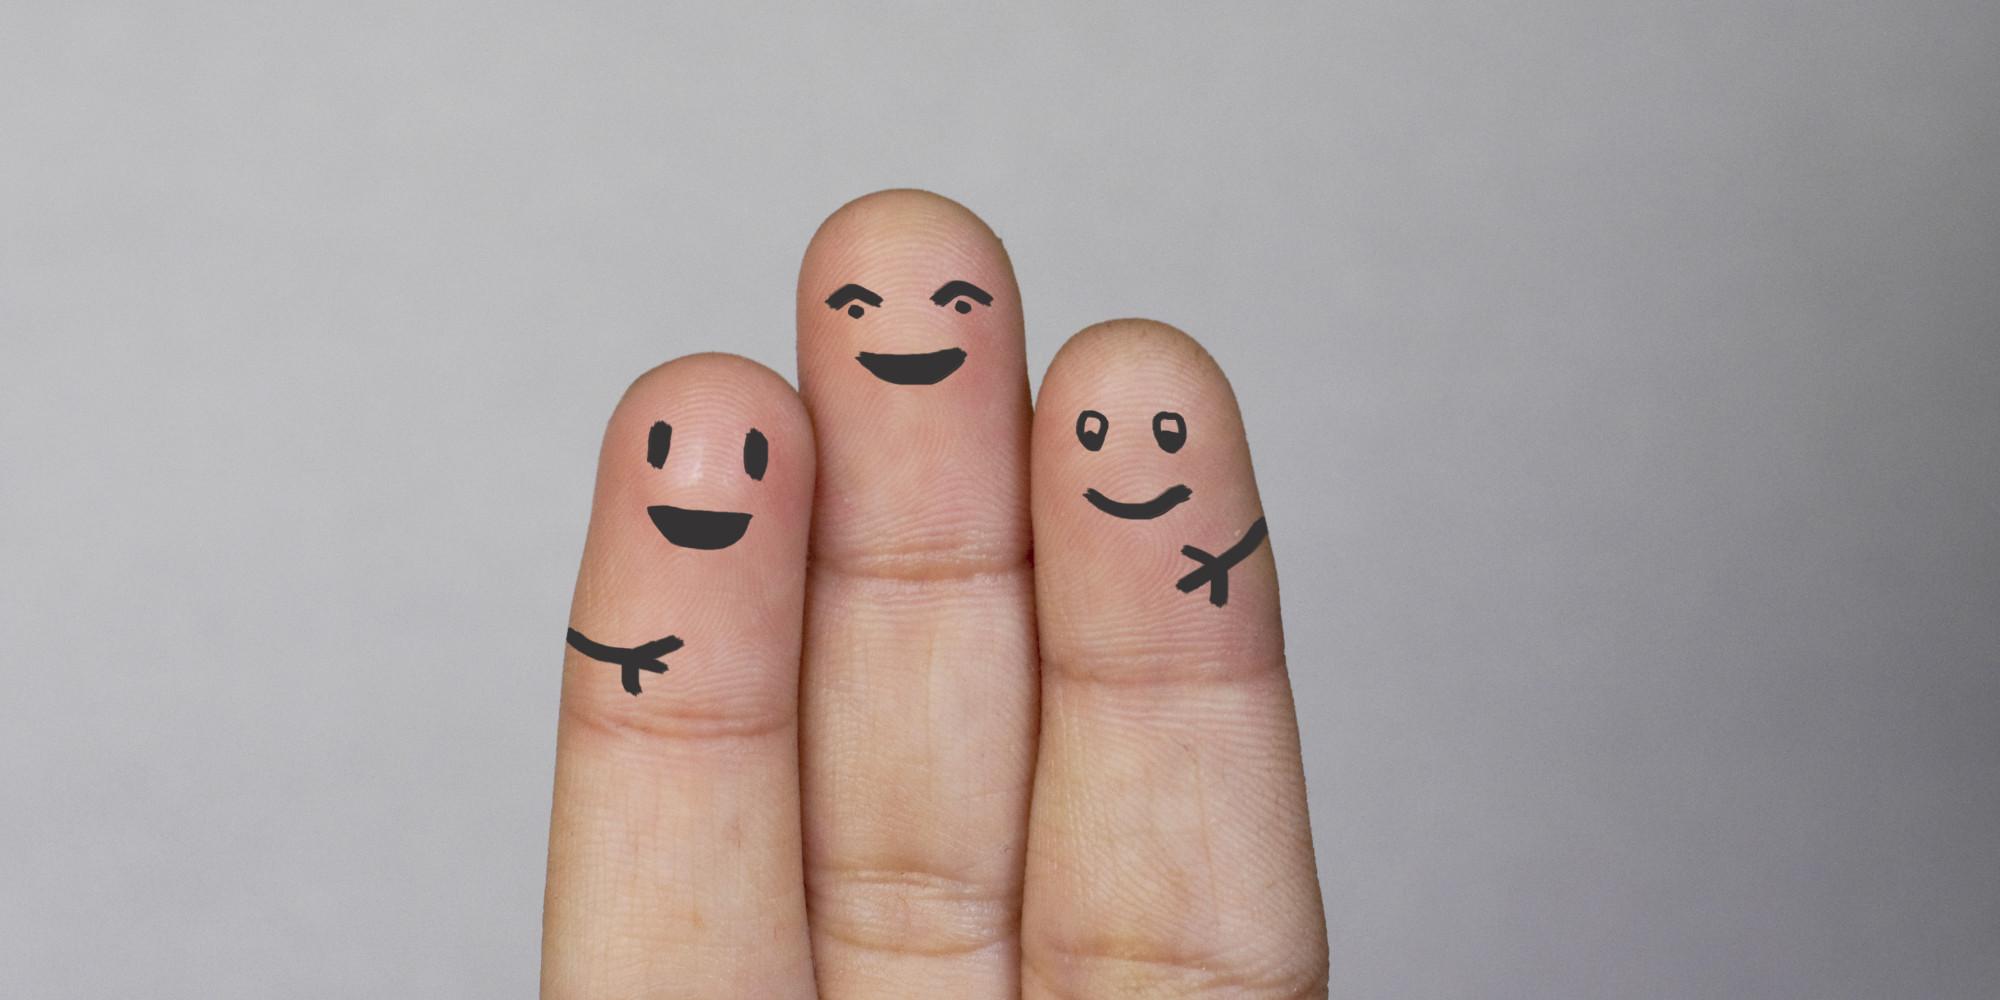 Картинки пальчики смешные